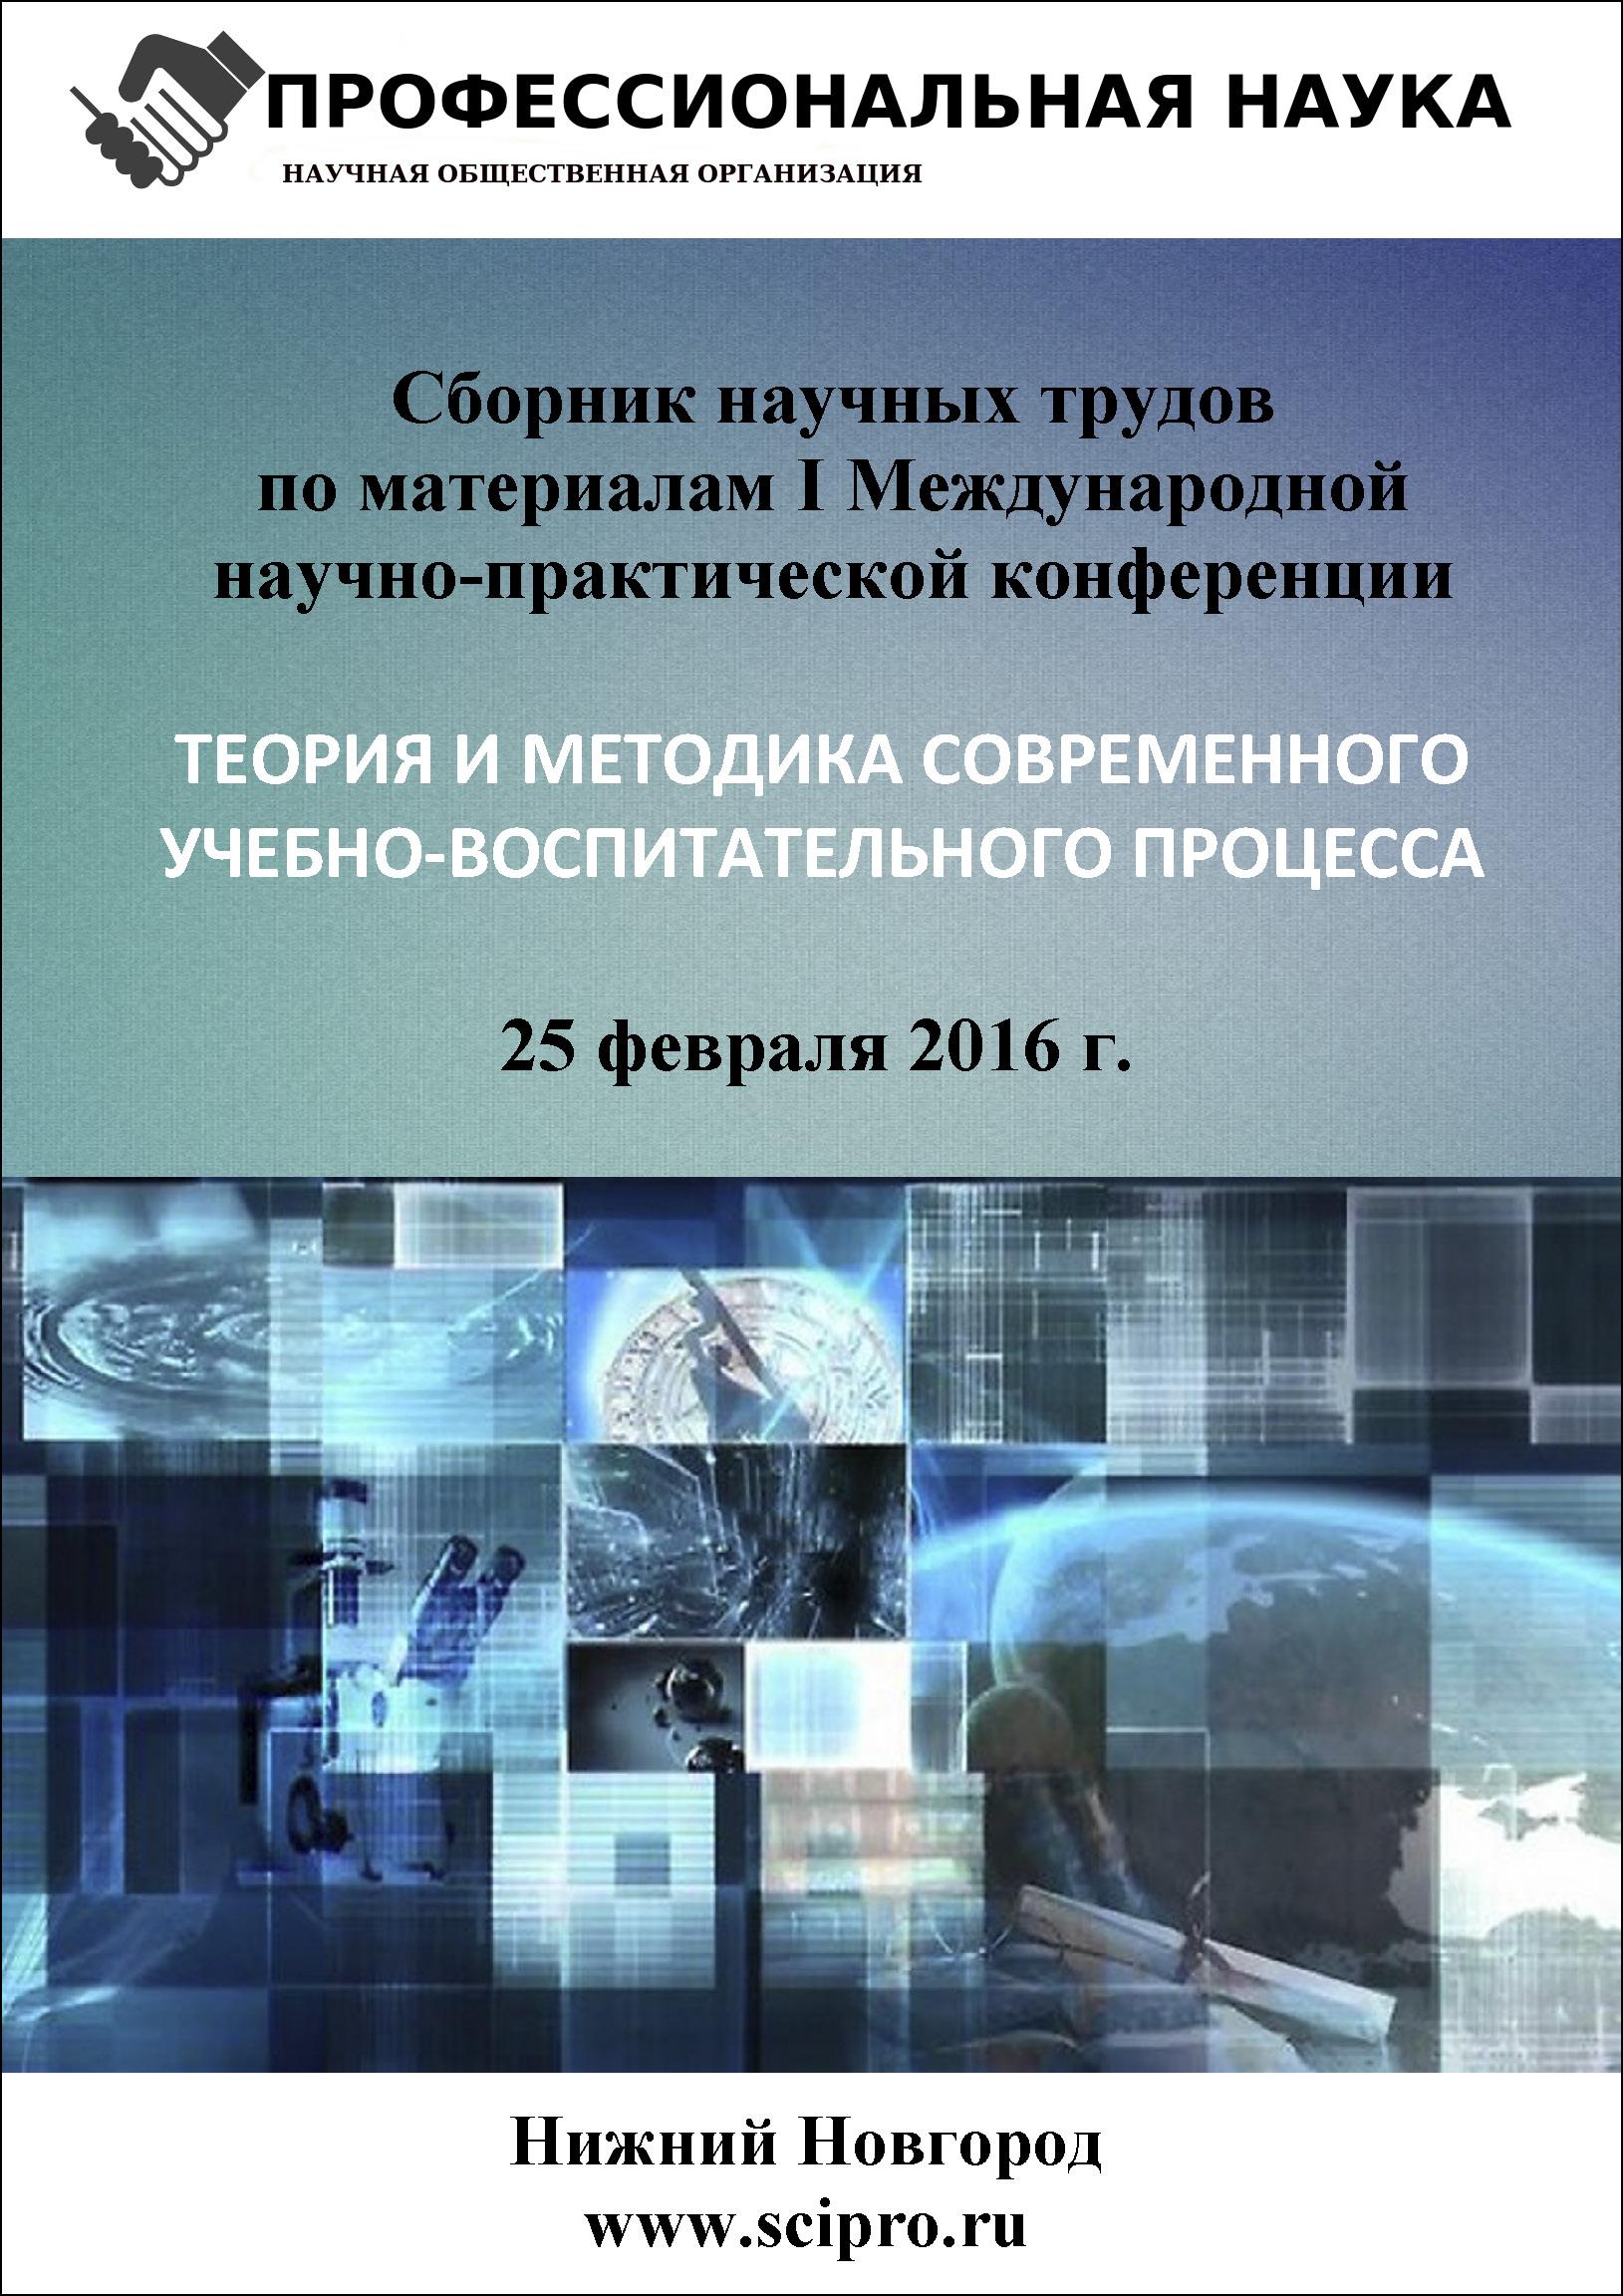 """Международная научно-практическая конференция """"Теория и методика современного учебно-воспитательного процесса"""""""